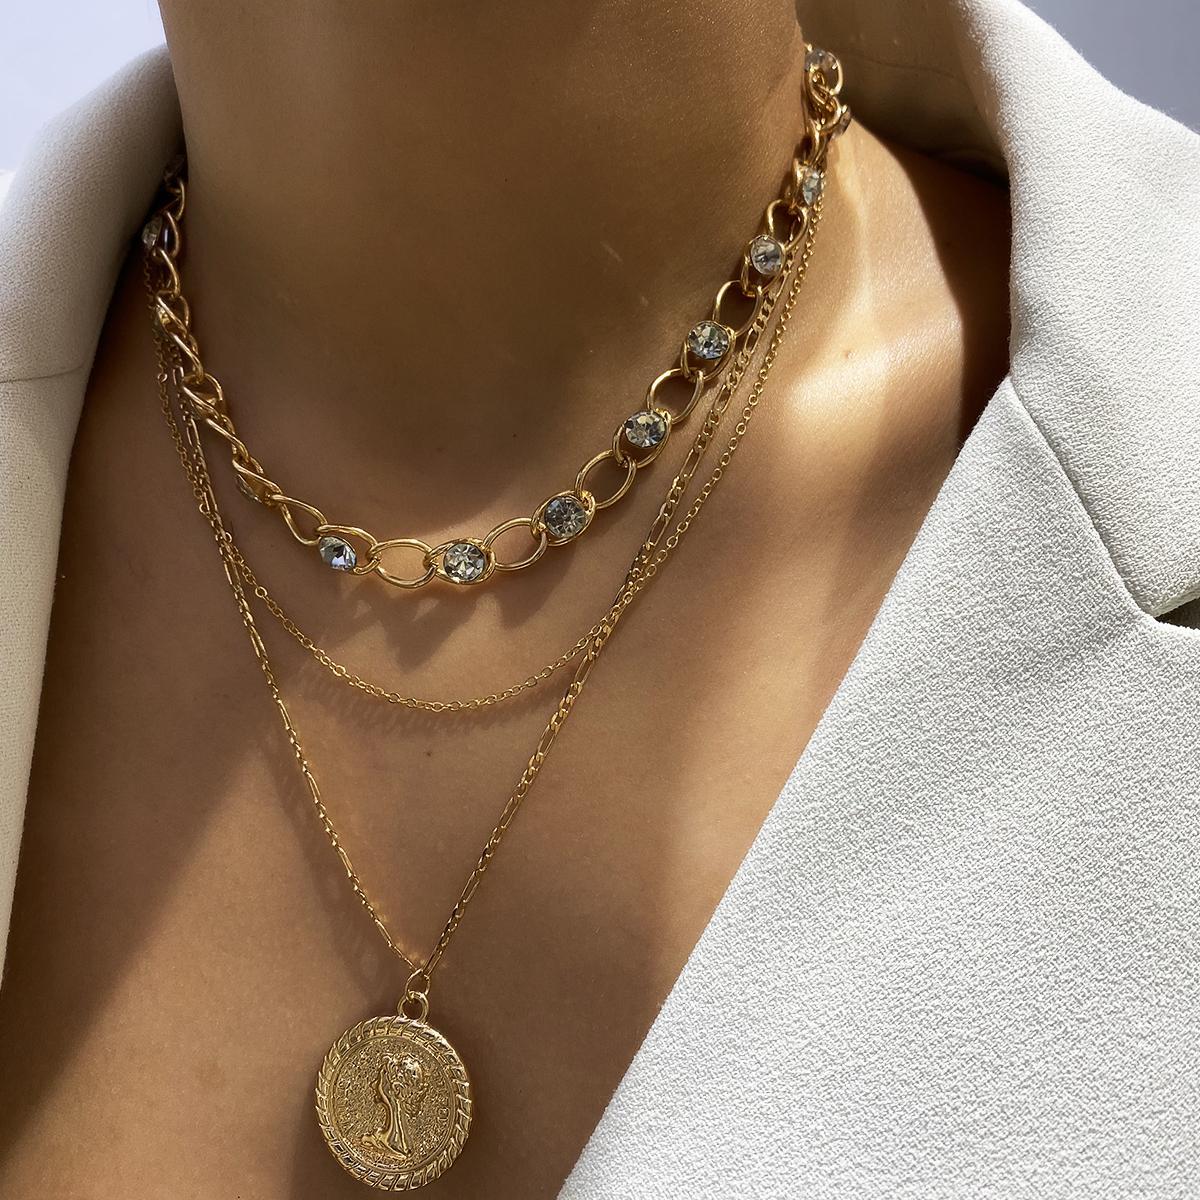 Weinlese-Kristall Münze Anhänger Halskette Multi Layer LuxuxRhinestone langkettige Claviclehalskette Frauen Schmuck